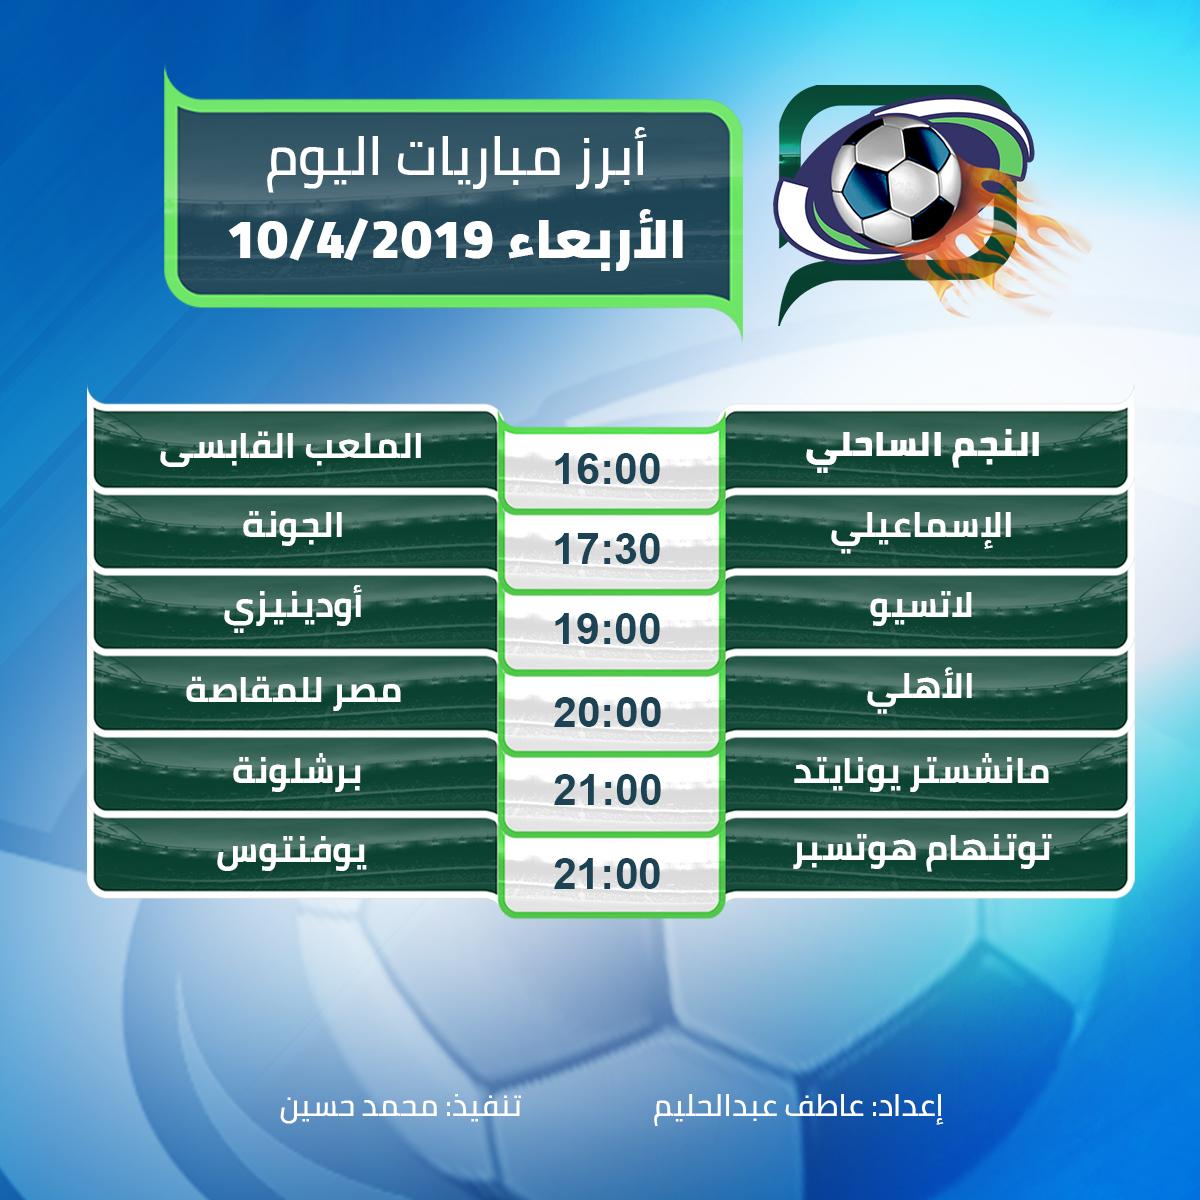 أبرز مباريات اليوم الاربعاء 10/4/2019